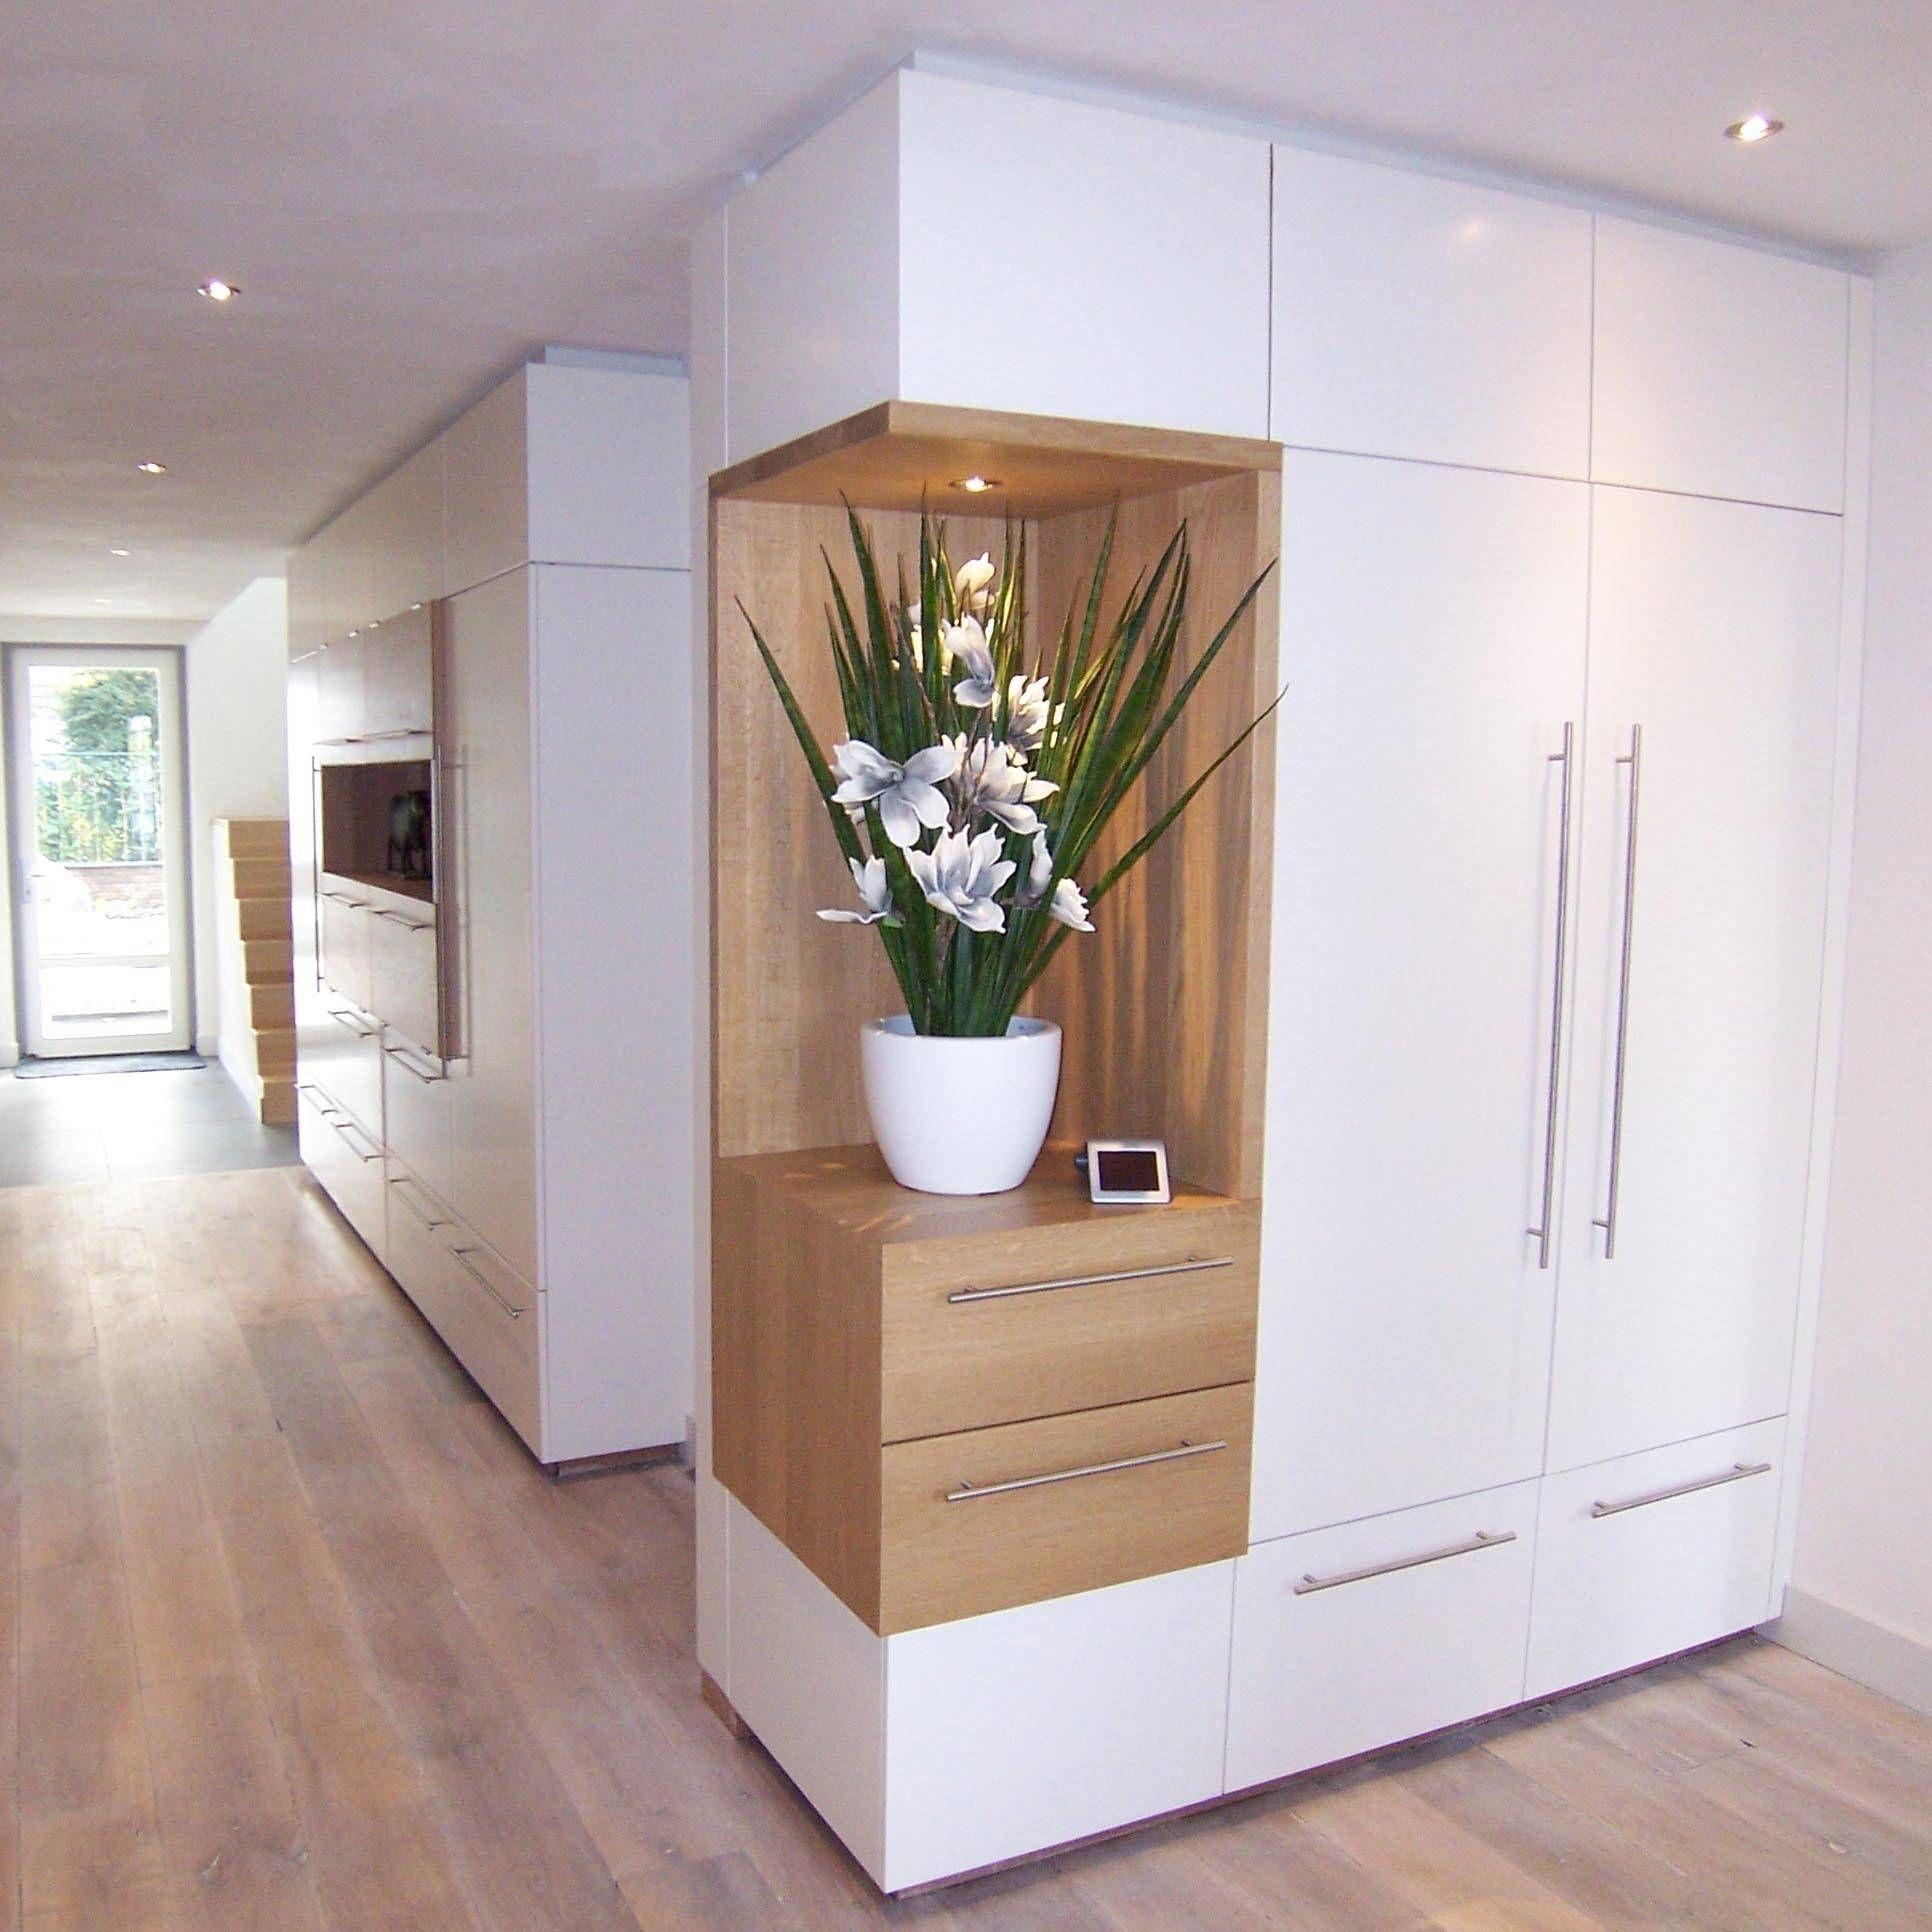 Ingresso & corridoio in stile di eikplan architecten bna #hallway